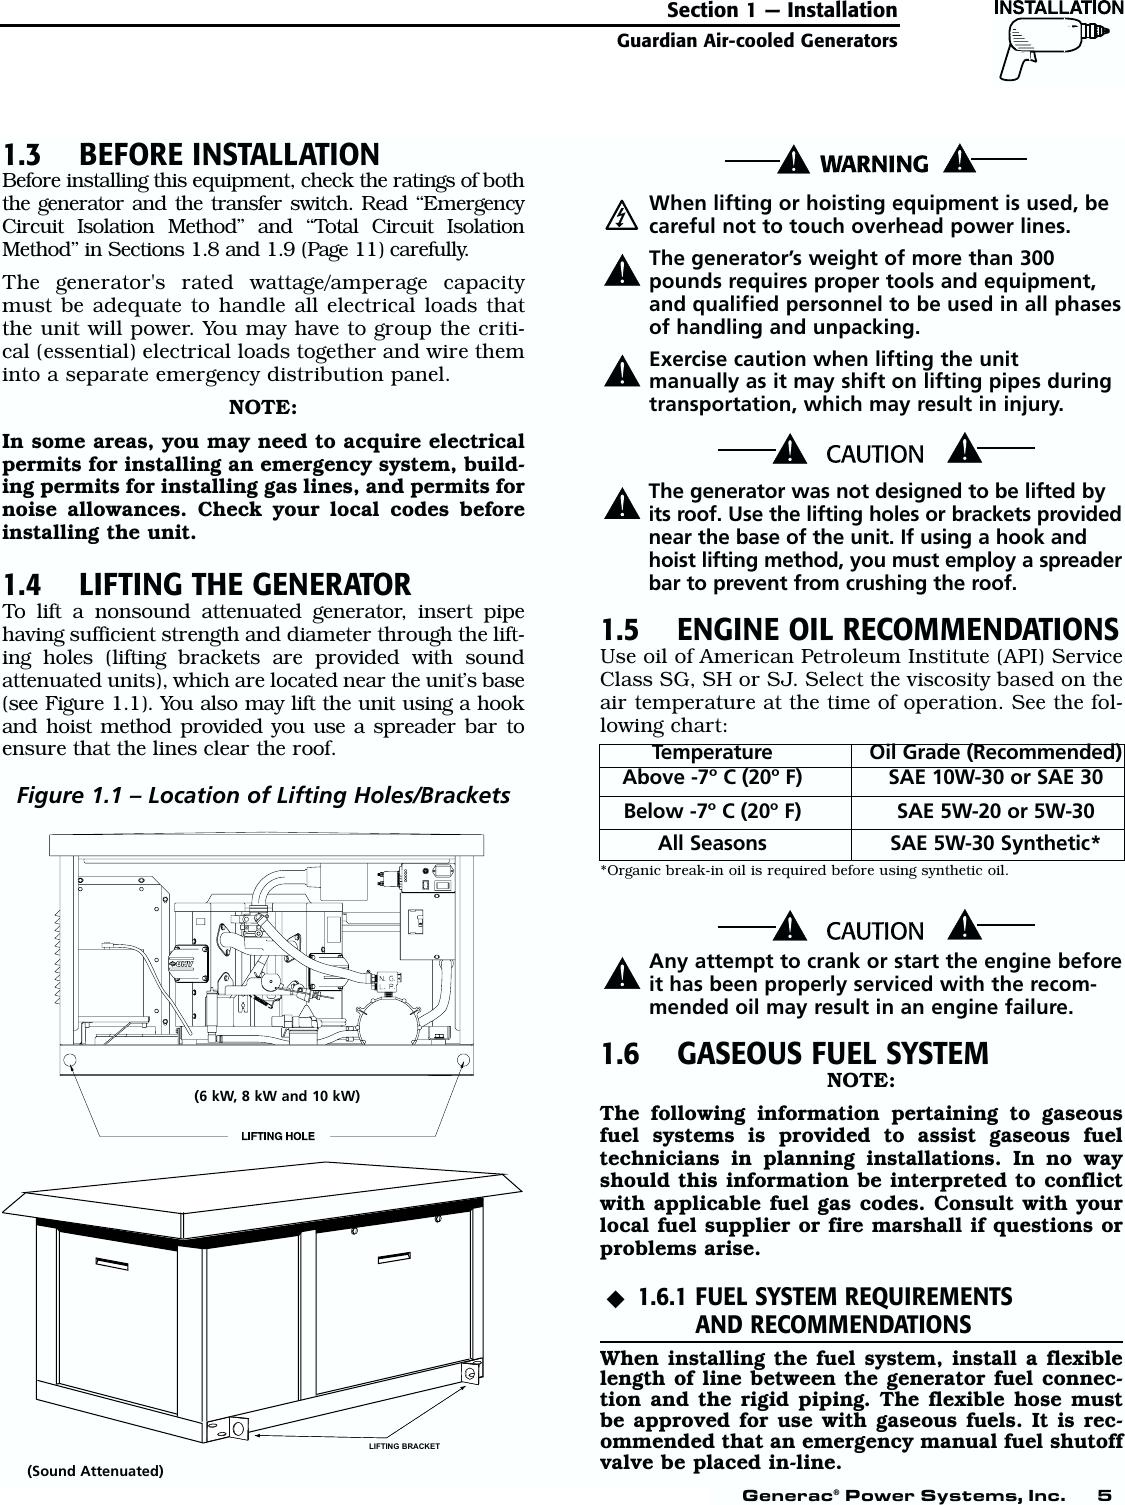 Generac 04077 01 04109 1 04079 00789 00844 Owners Manual Guardian 6